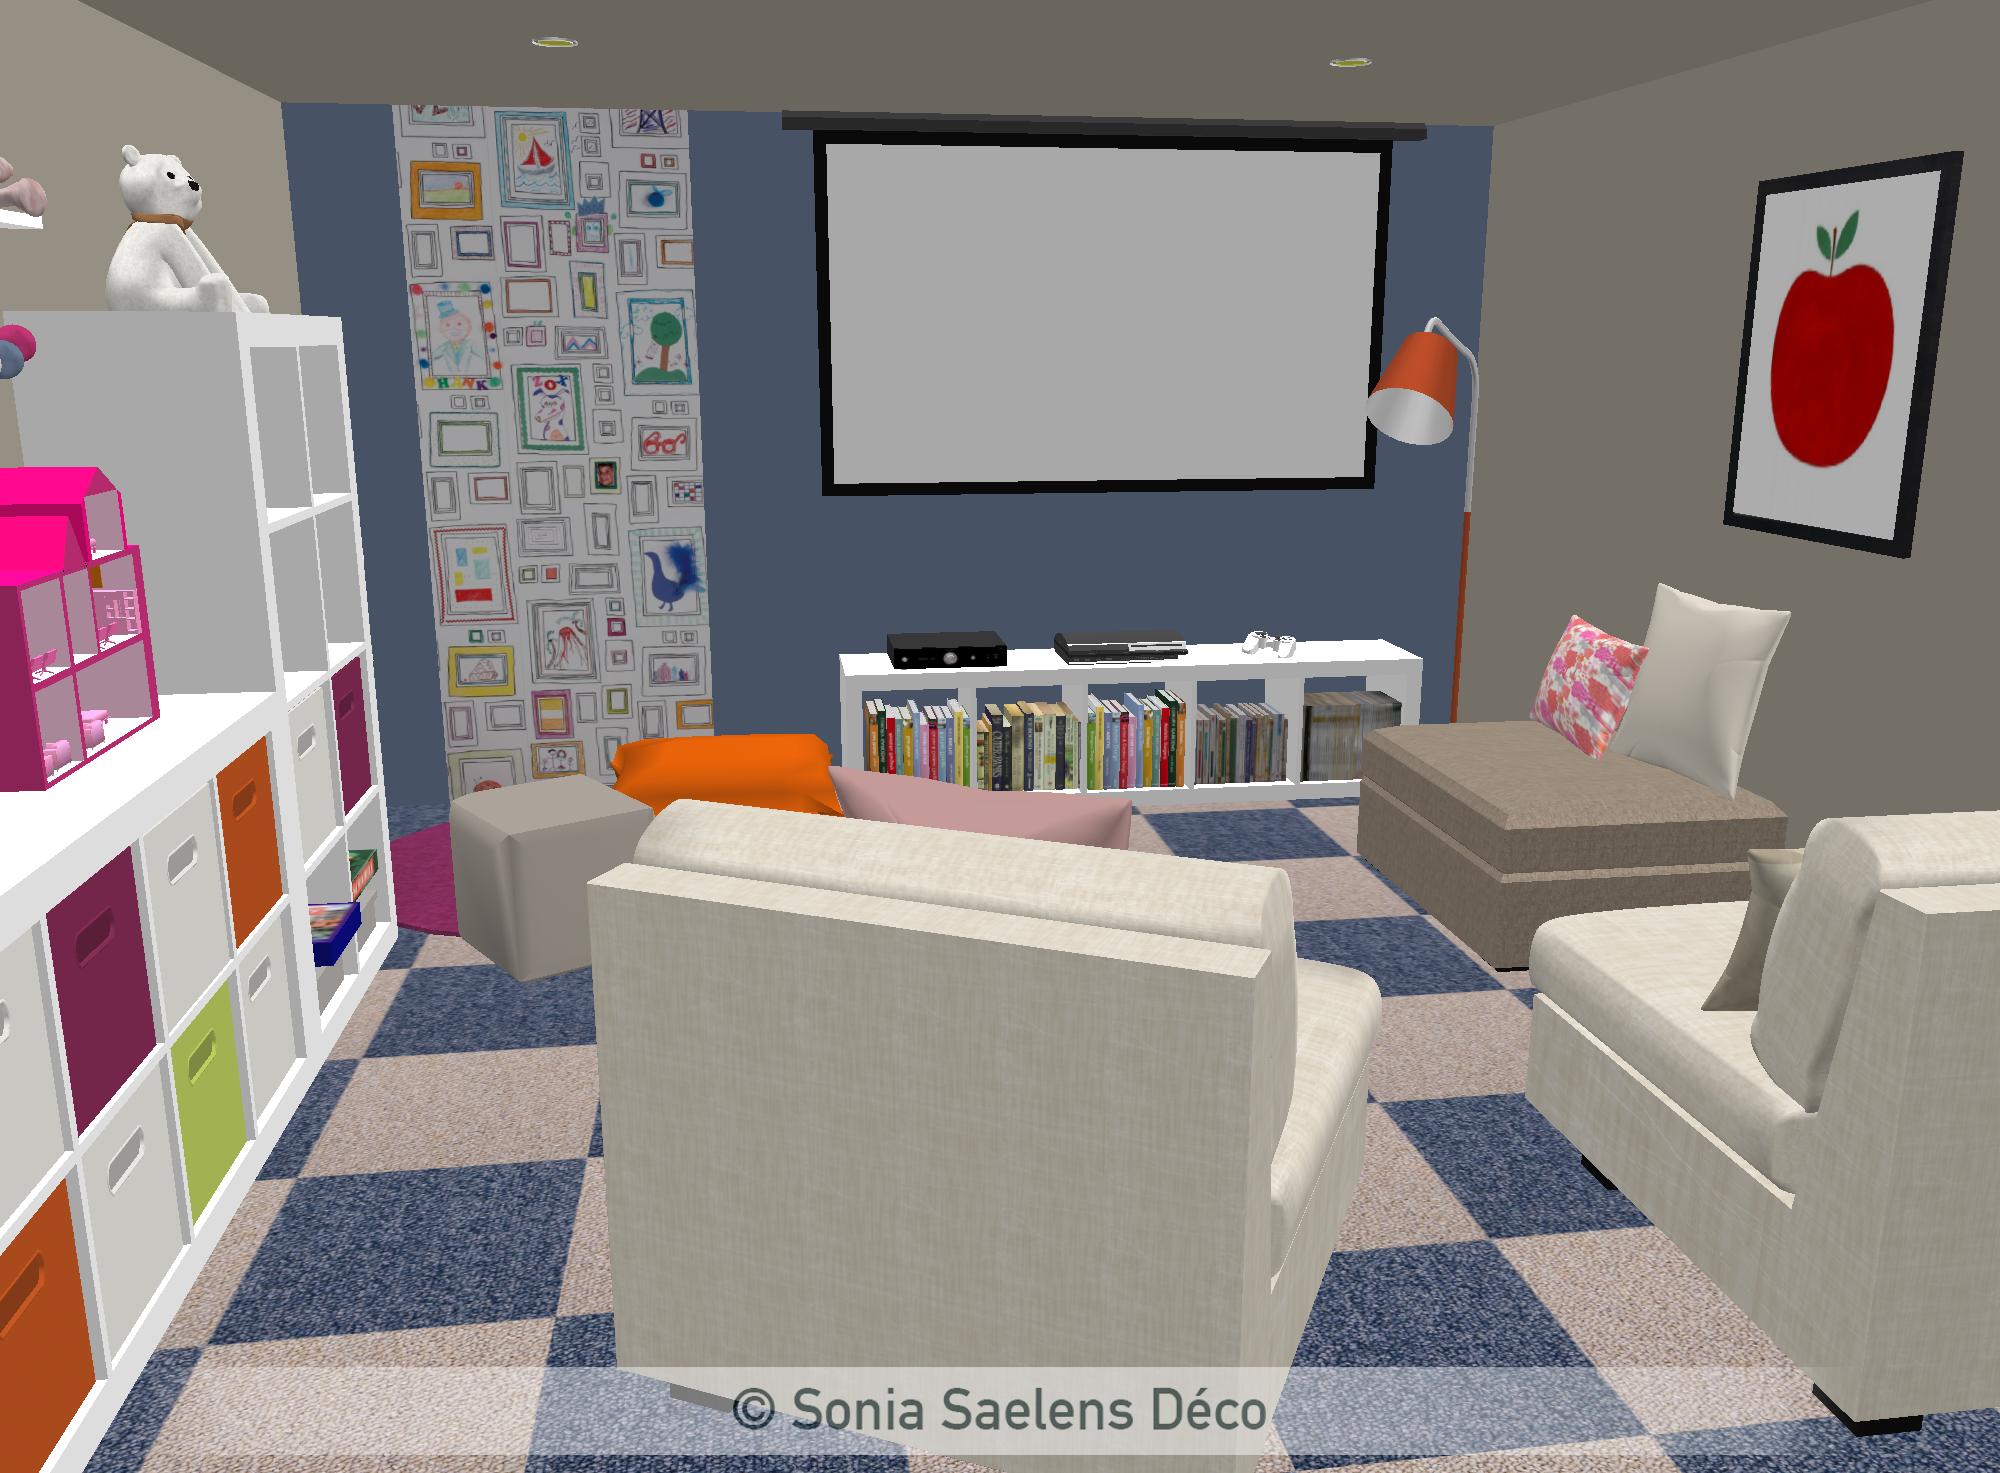 un sous-sol am�nag� en salle de jeux - projection 3d in 2019